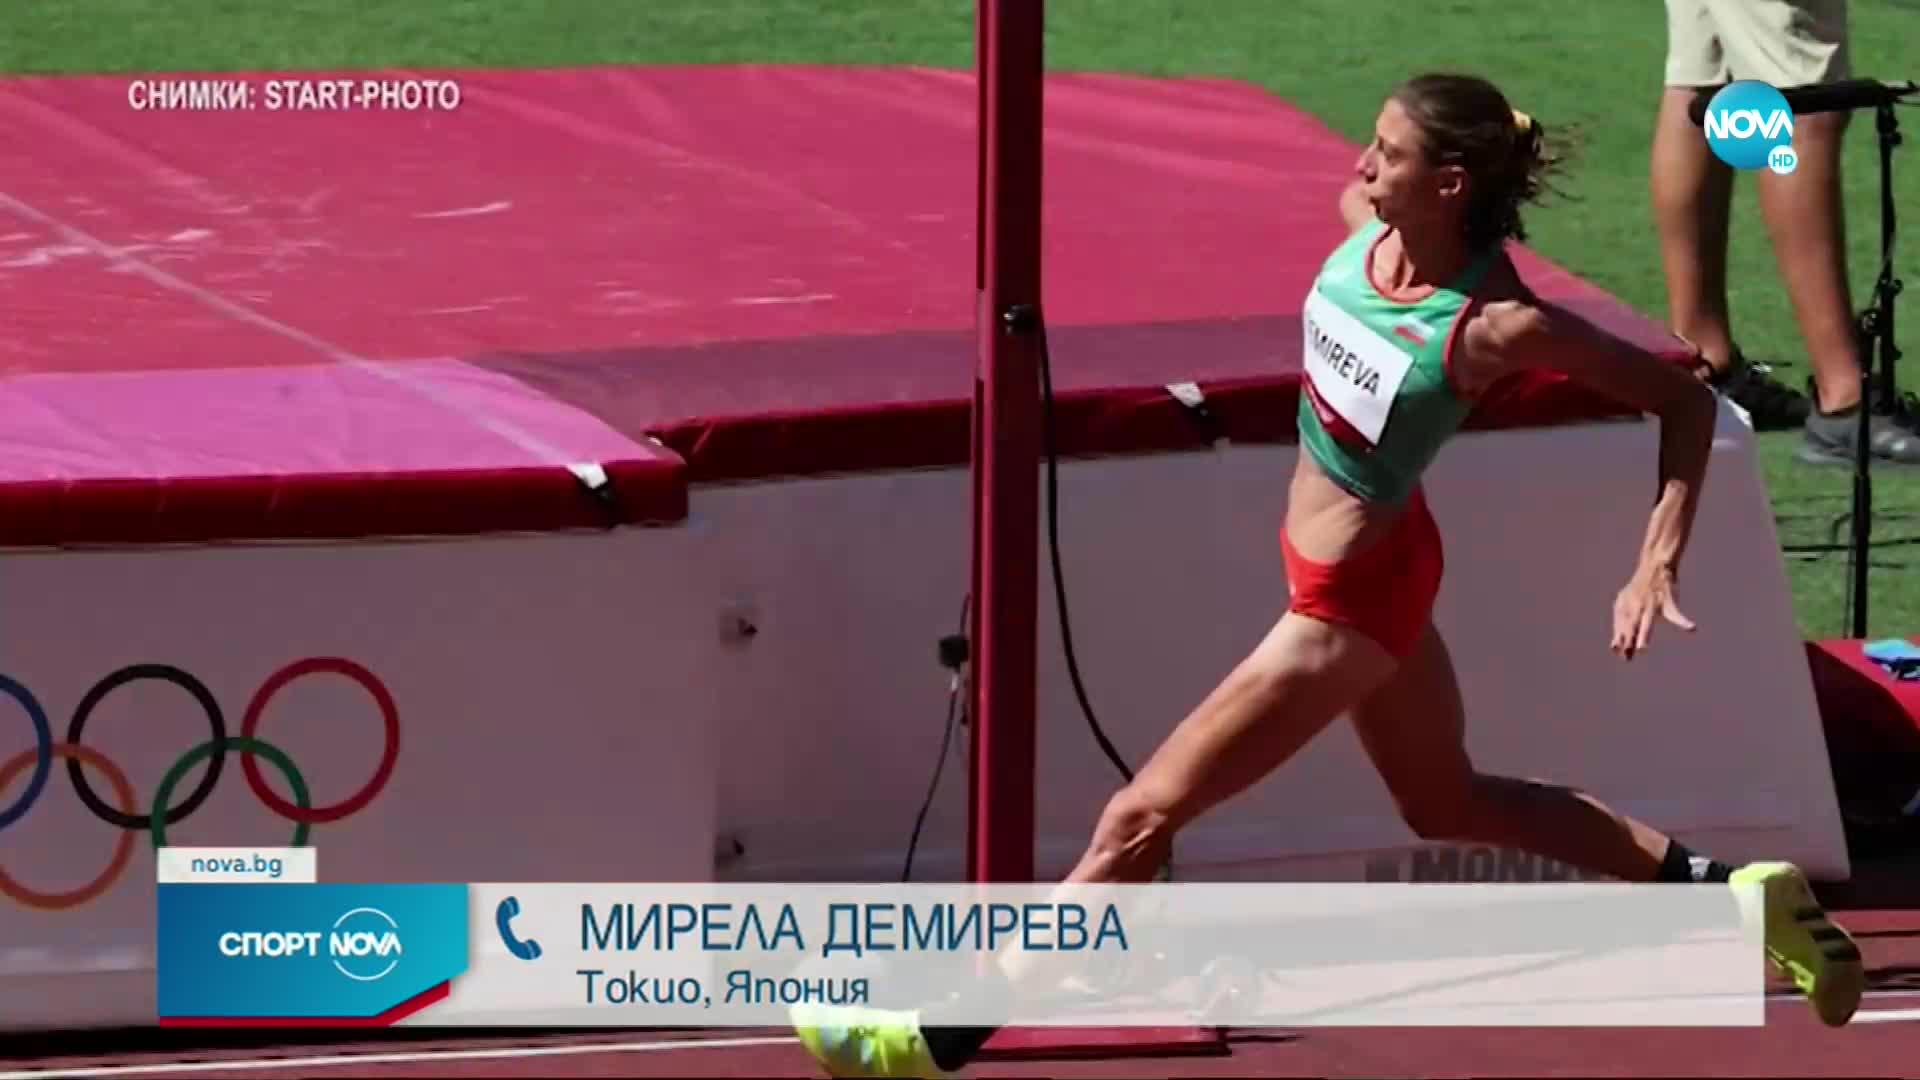 Мирела Демирева преодоля квалификацията и е на финал на Токио 2020